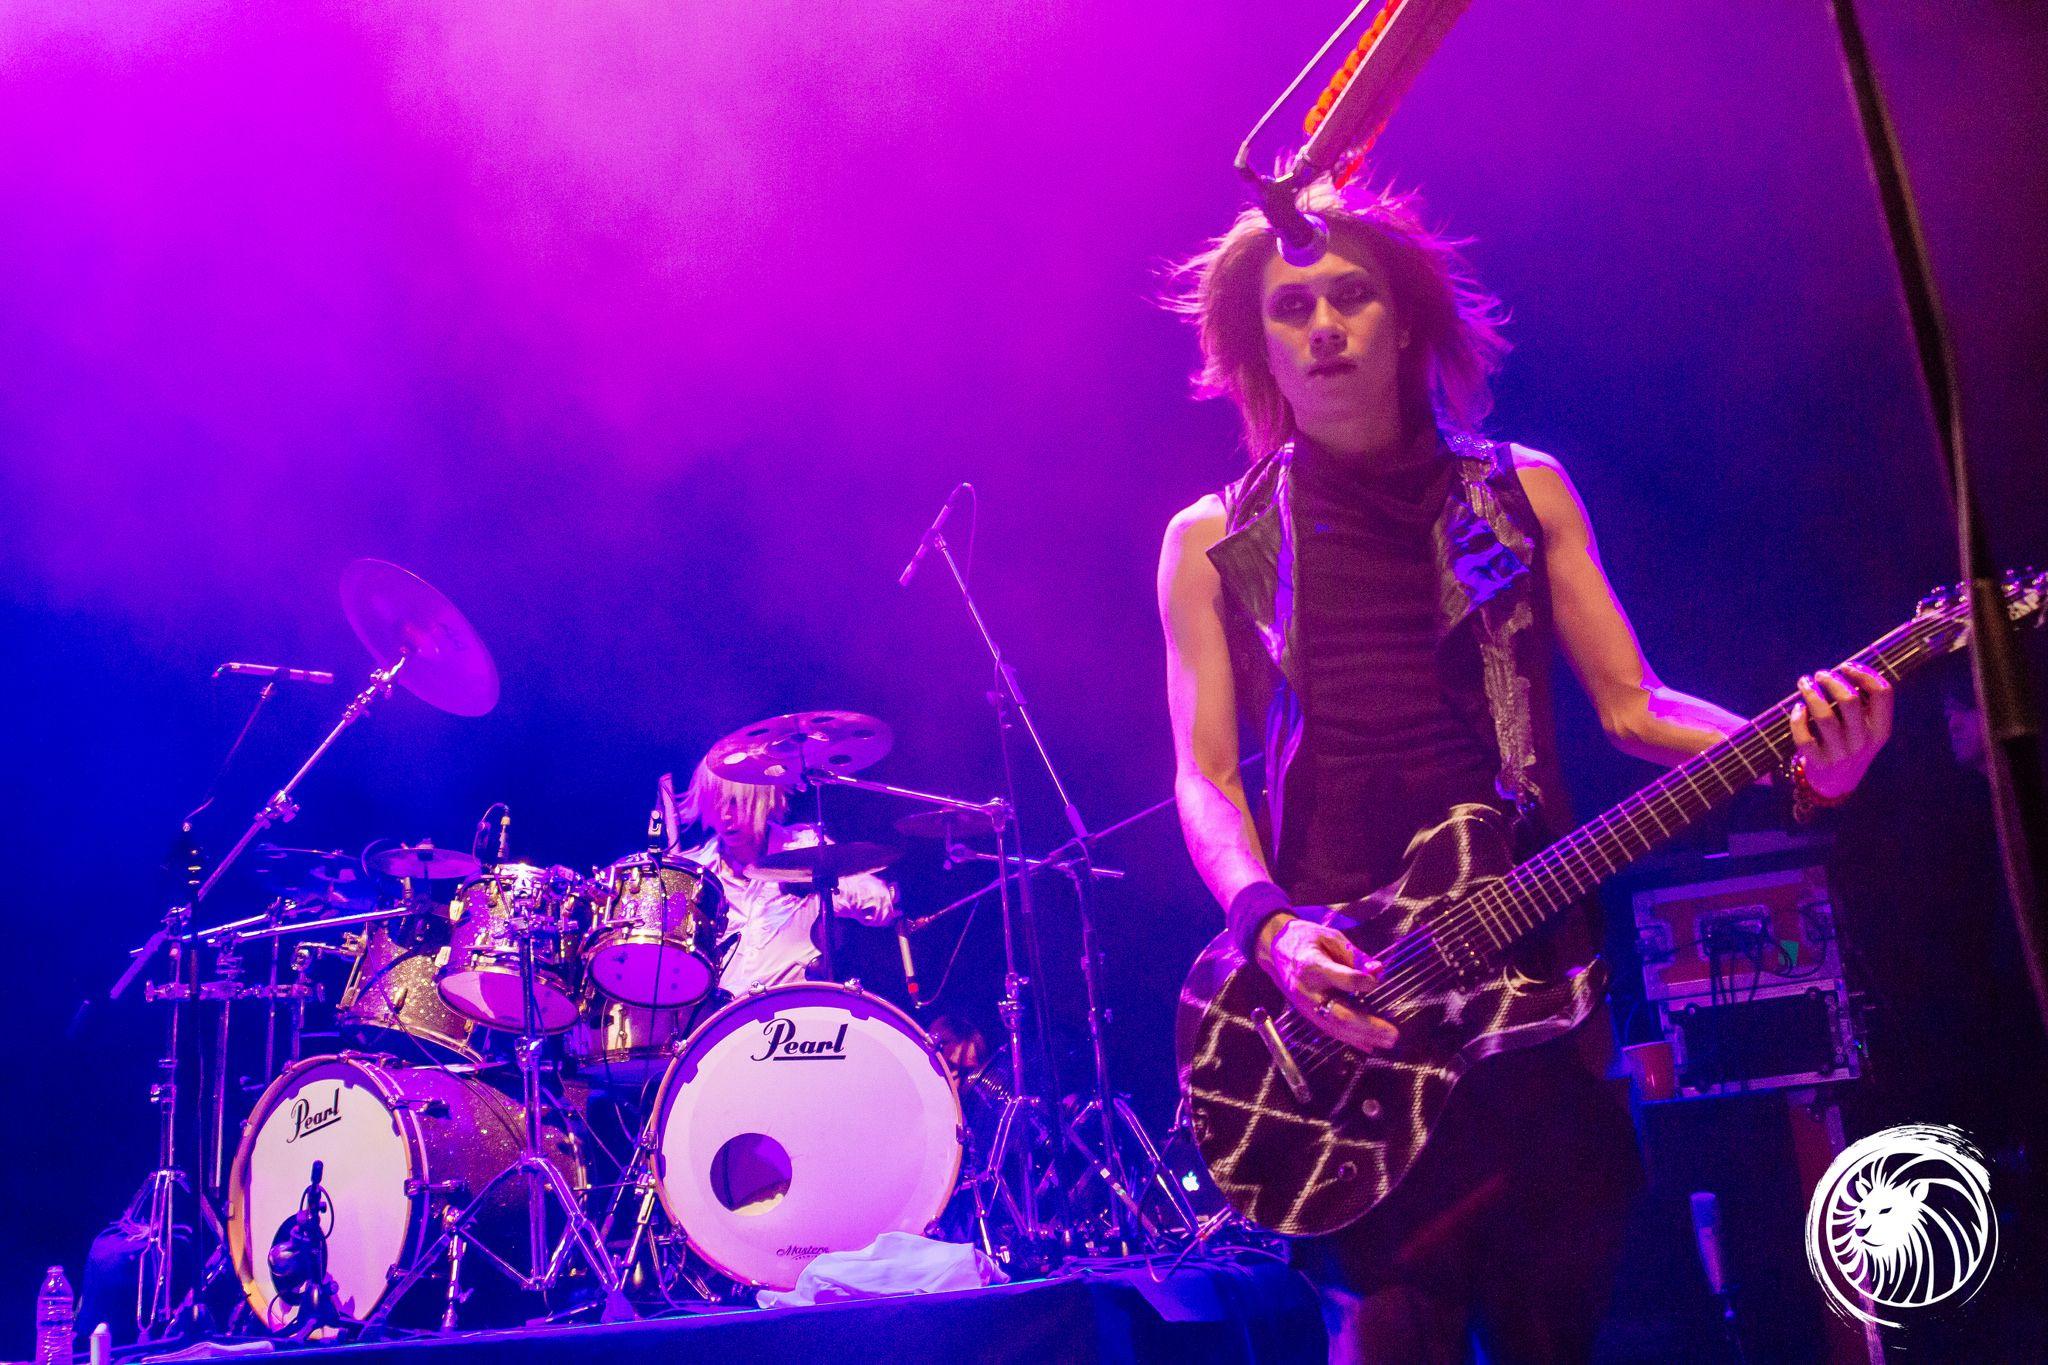 Die in Japan Live 2015 | First J'Rock Festival in Mexico City www.ninshi.net